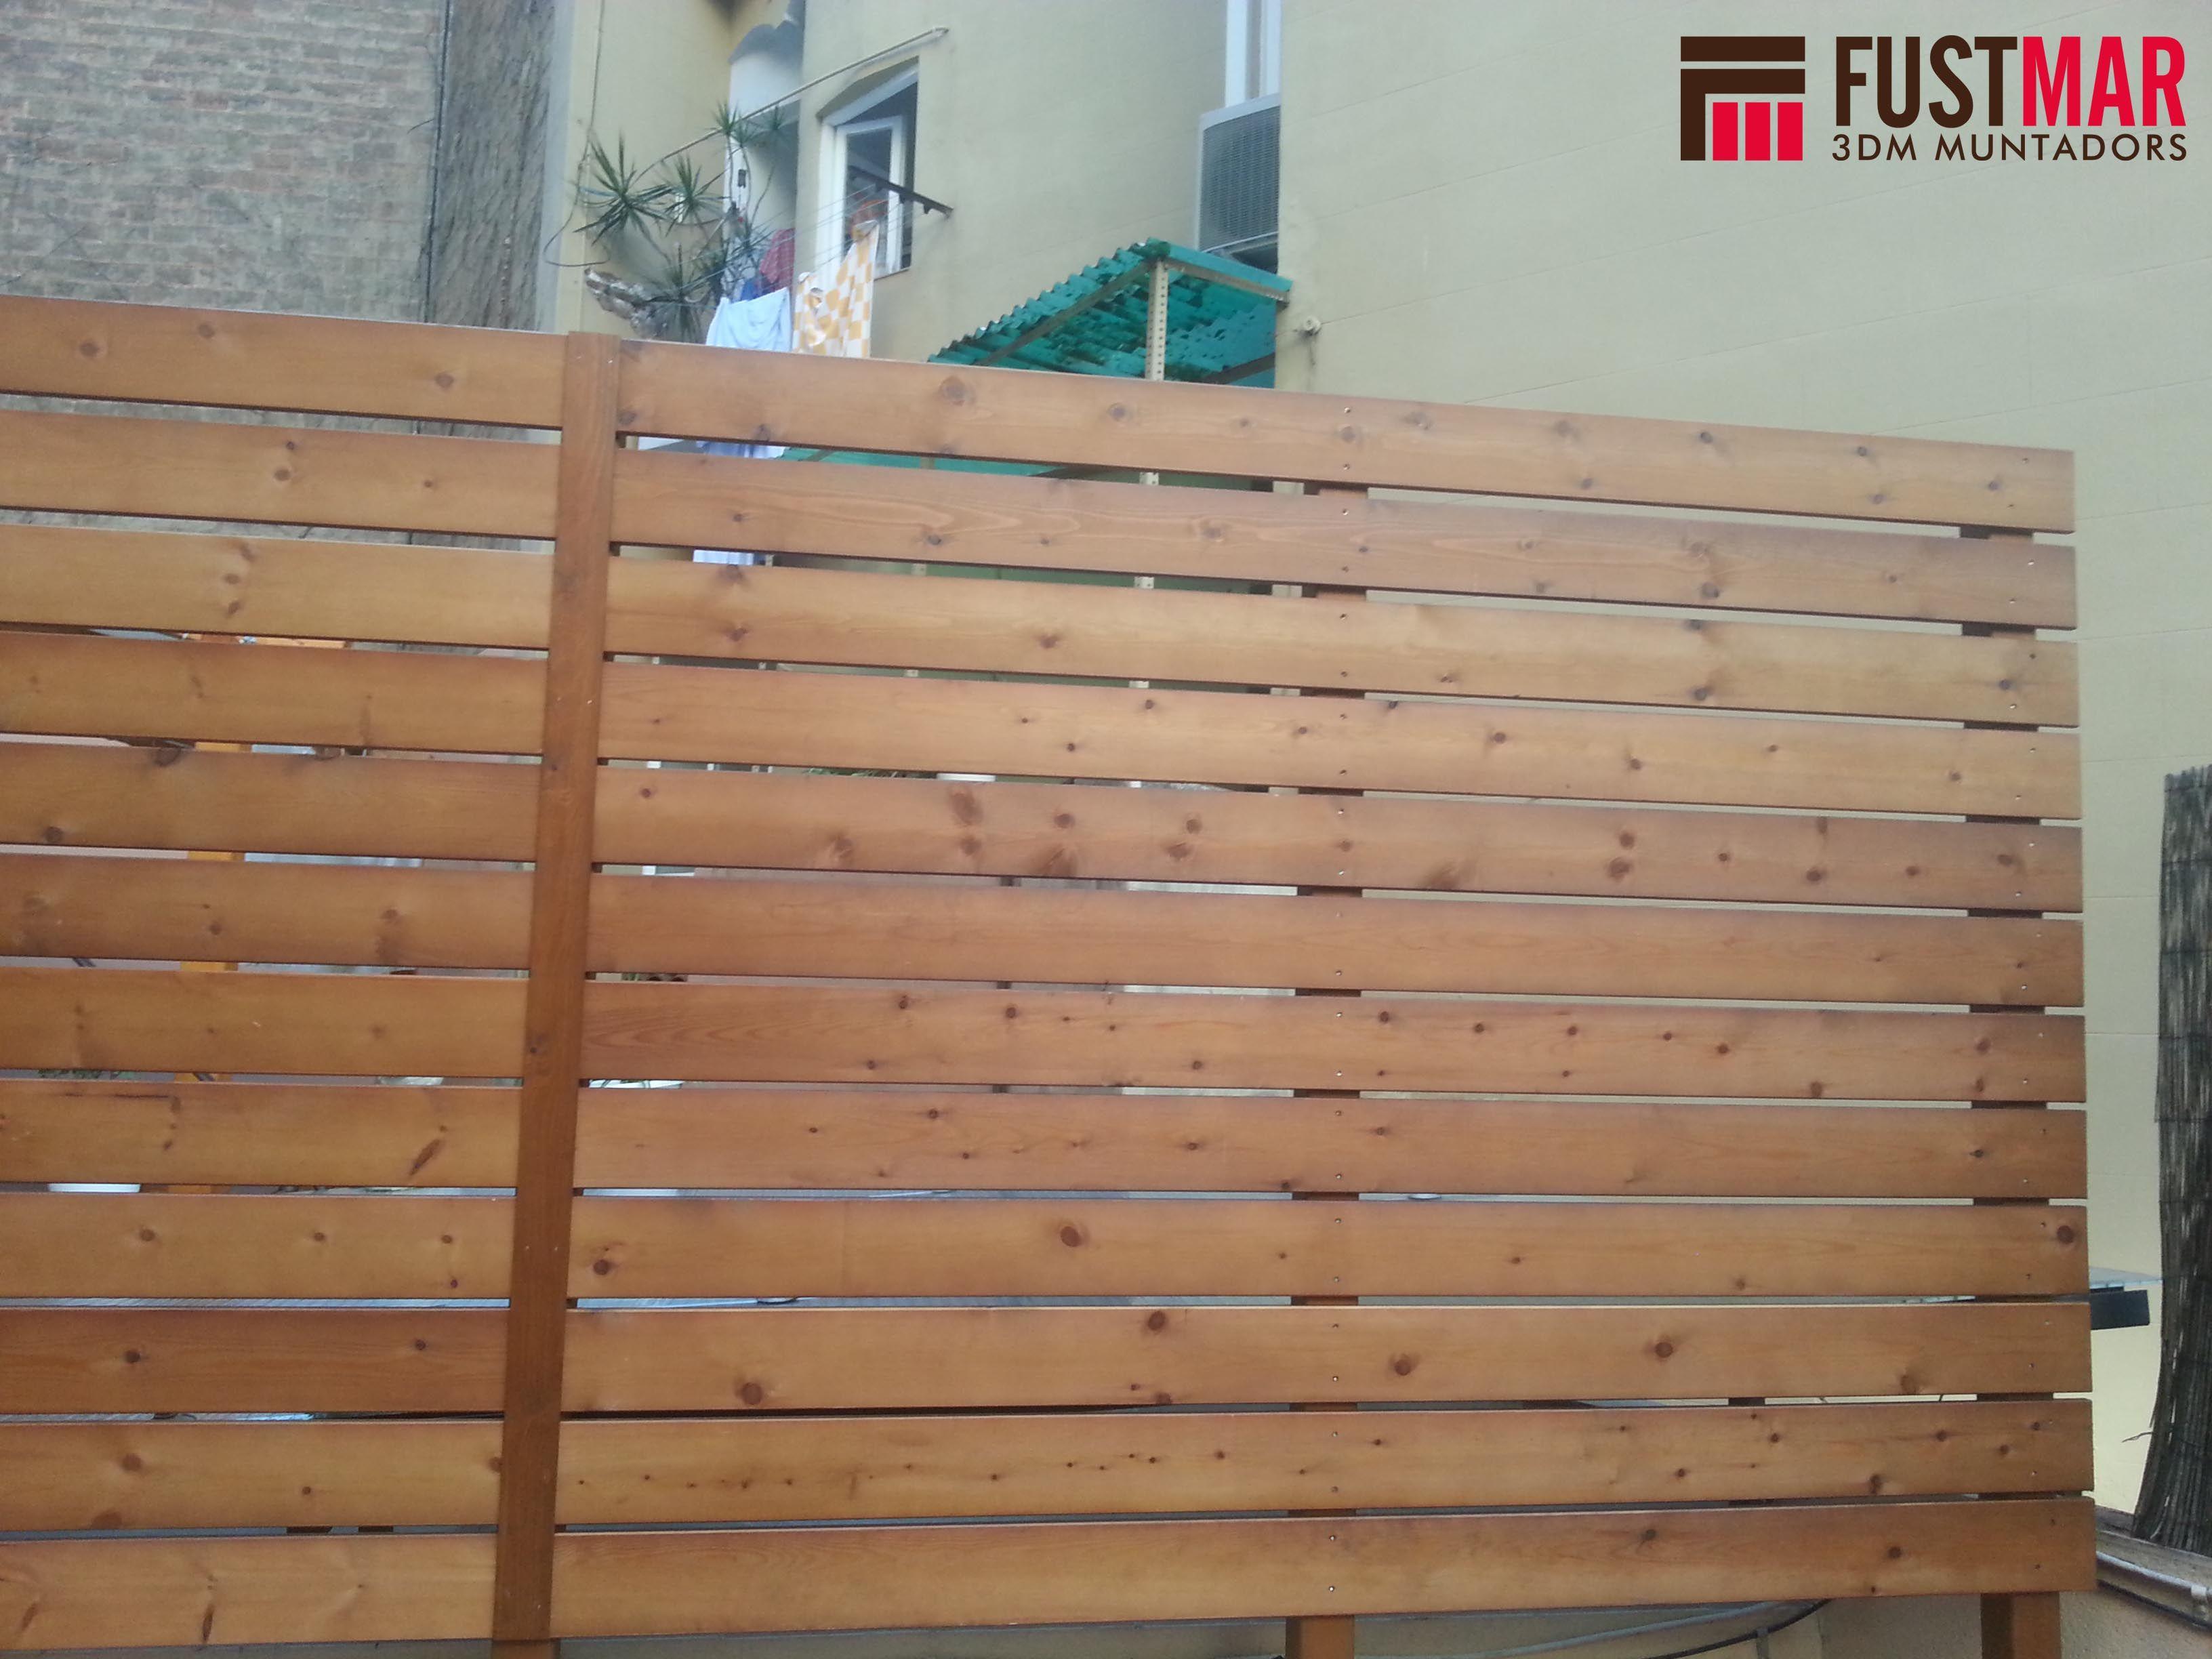 valla de madera tratada con color nogal formada por listones de xmm y pilares de